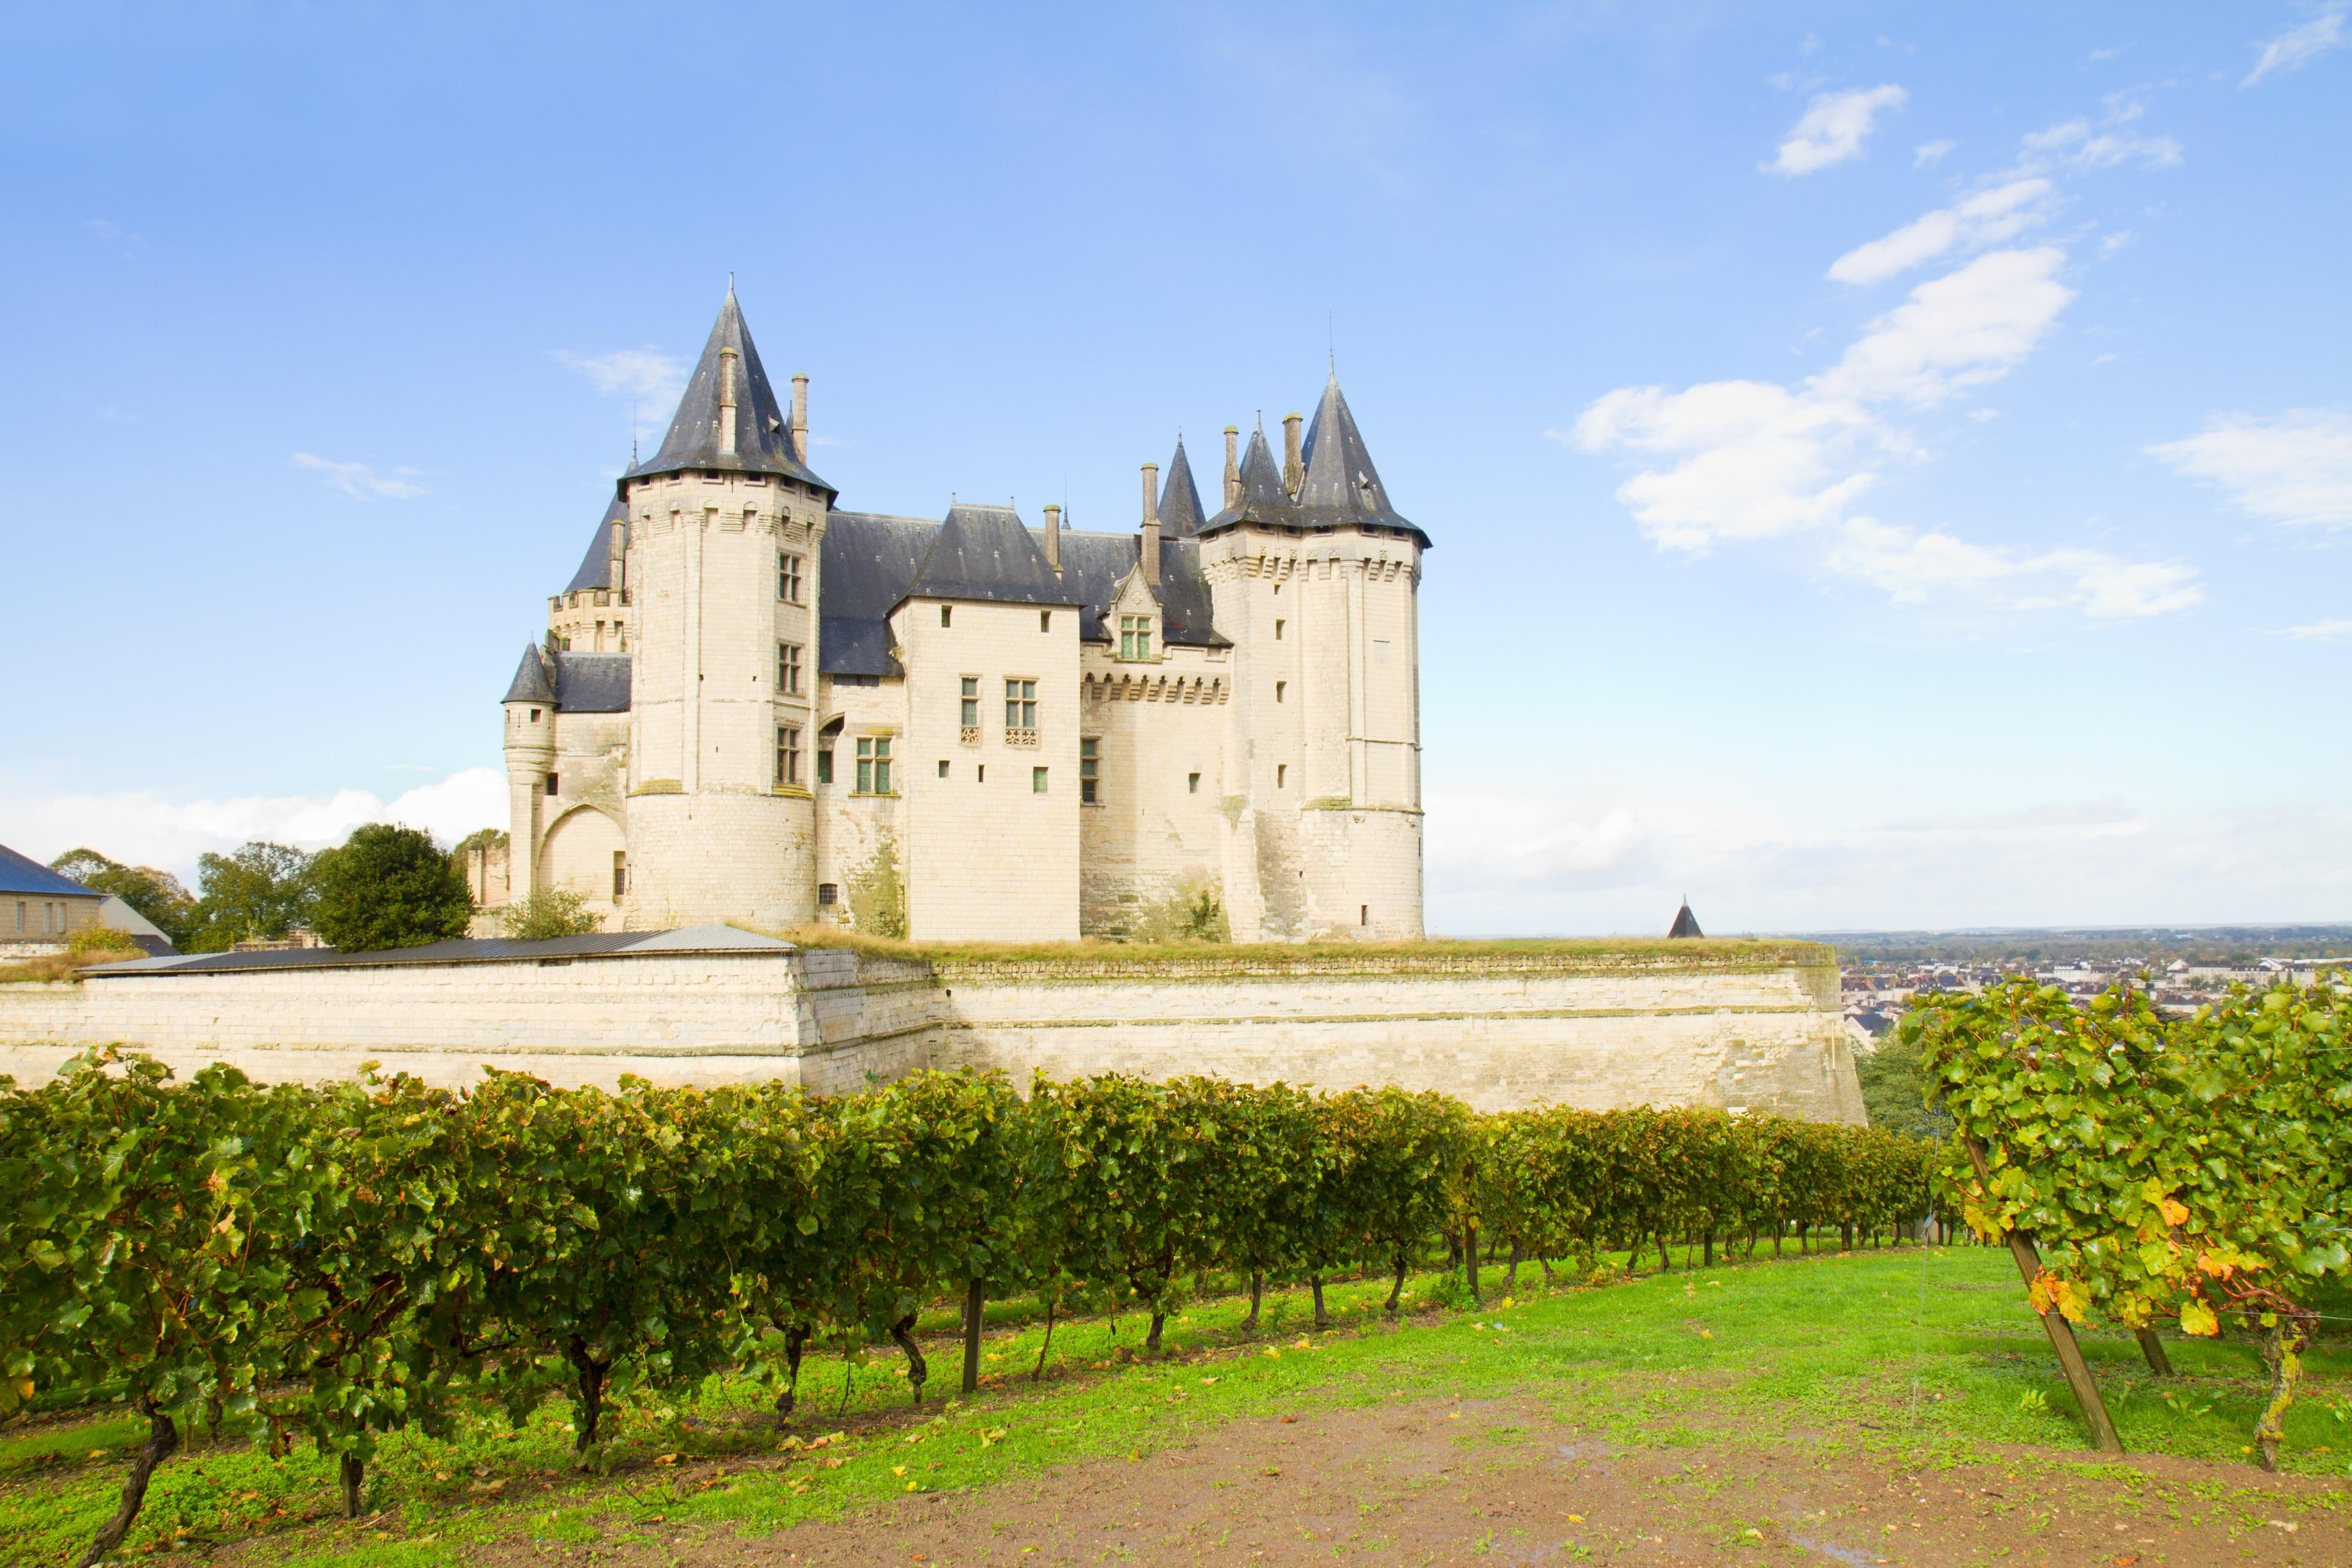 Chateau de Saumur, Saumur, Maine-et-Loire, France